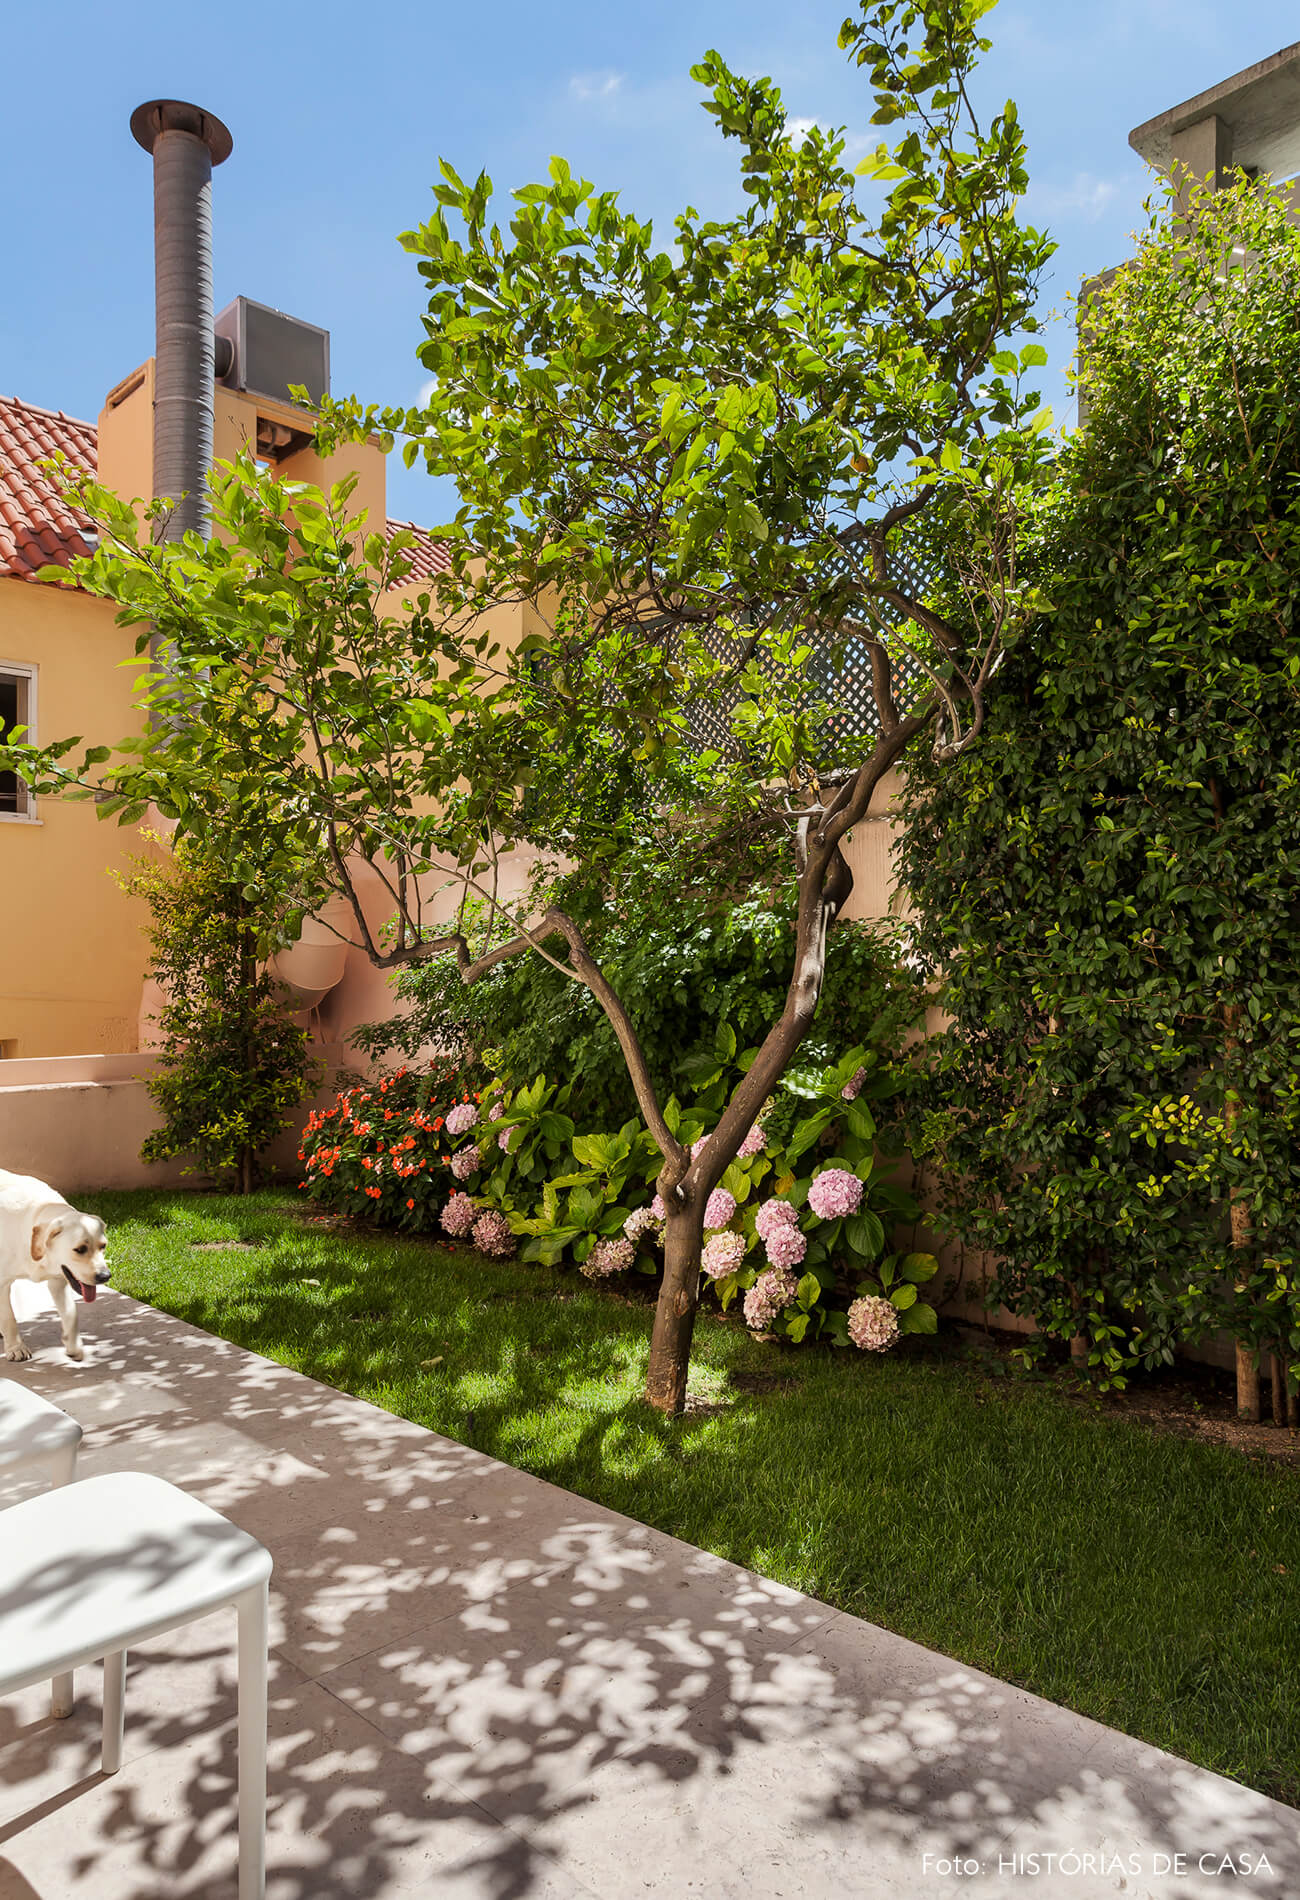 Jardim com árvore e flores